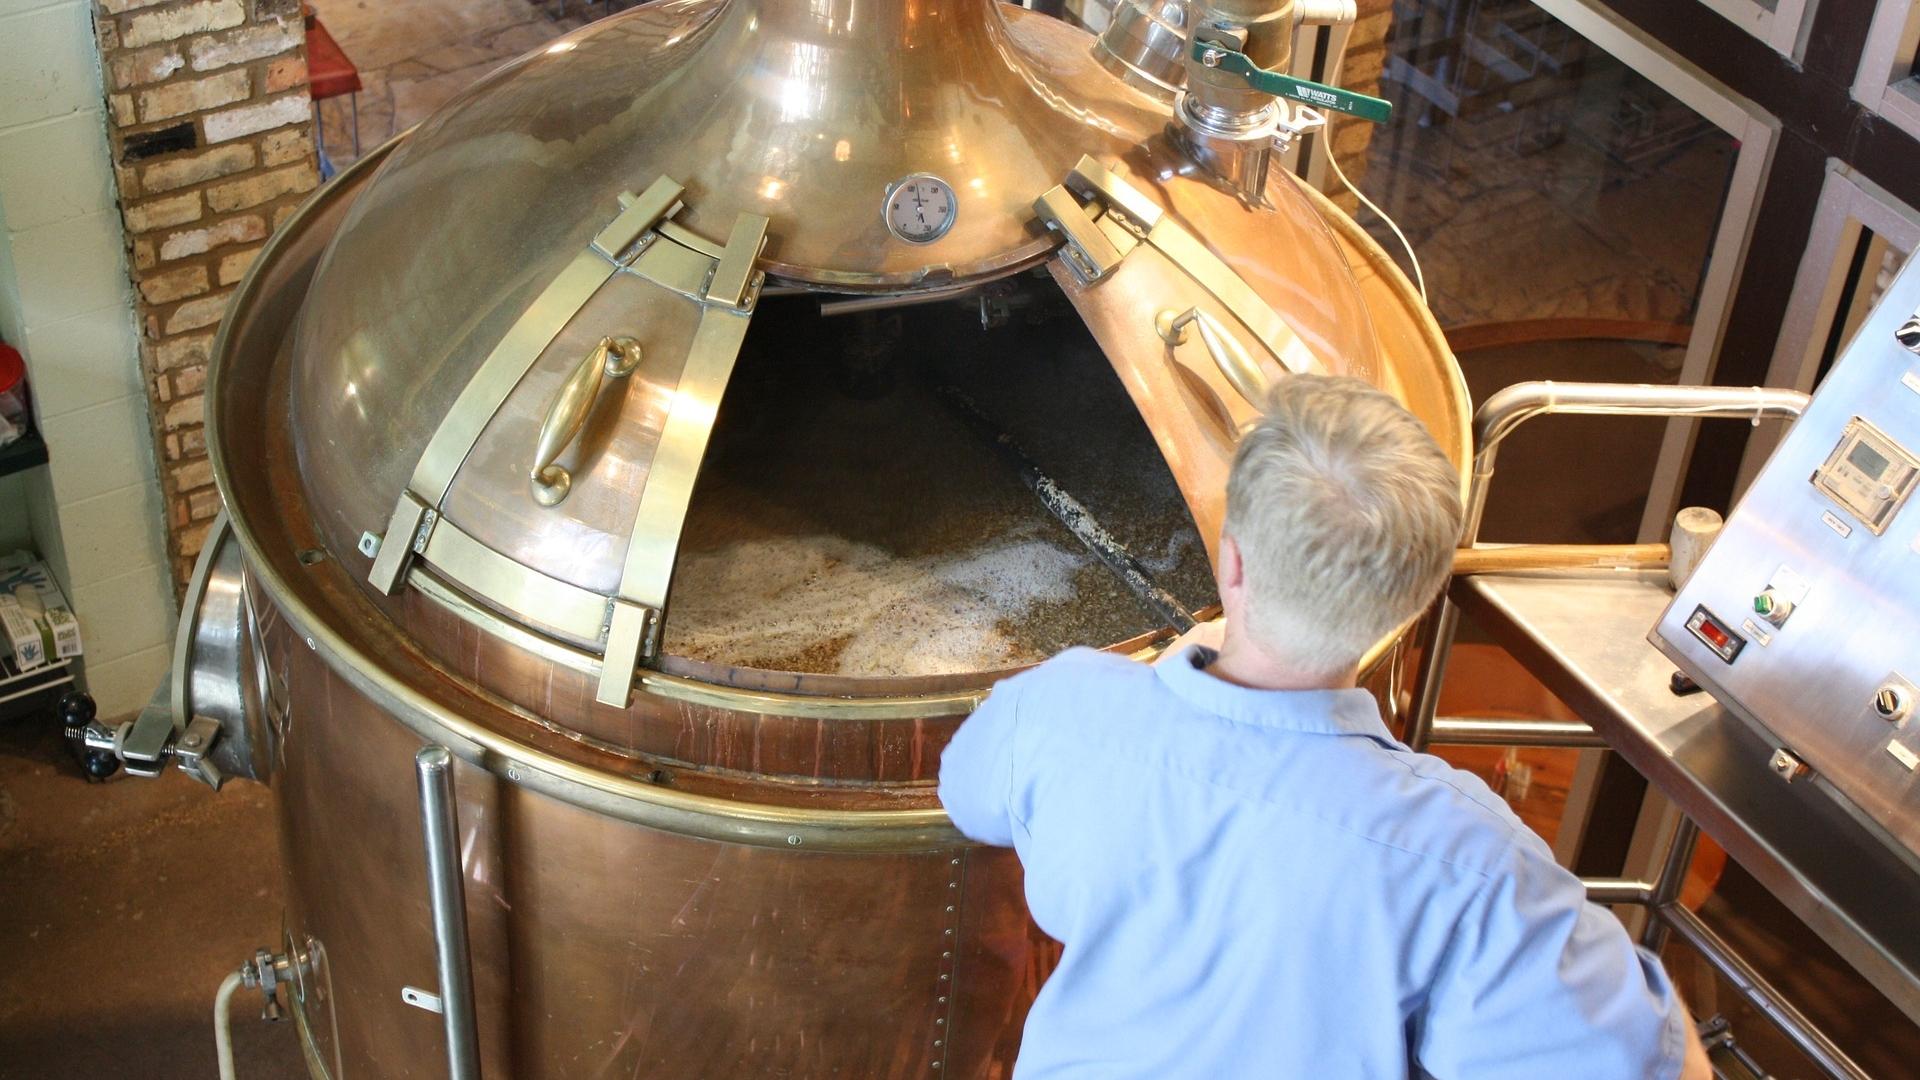 beer-2449887_1920.jpg